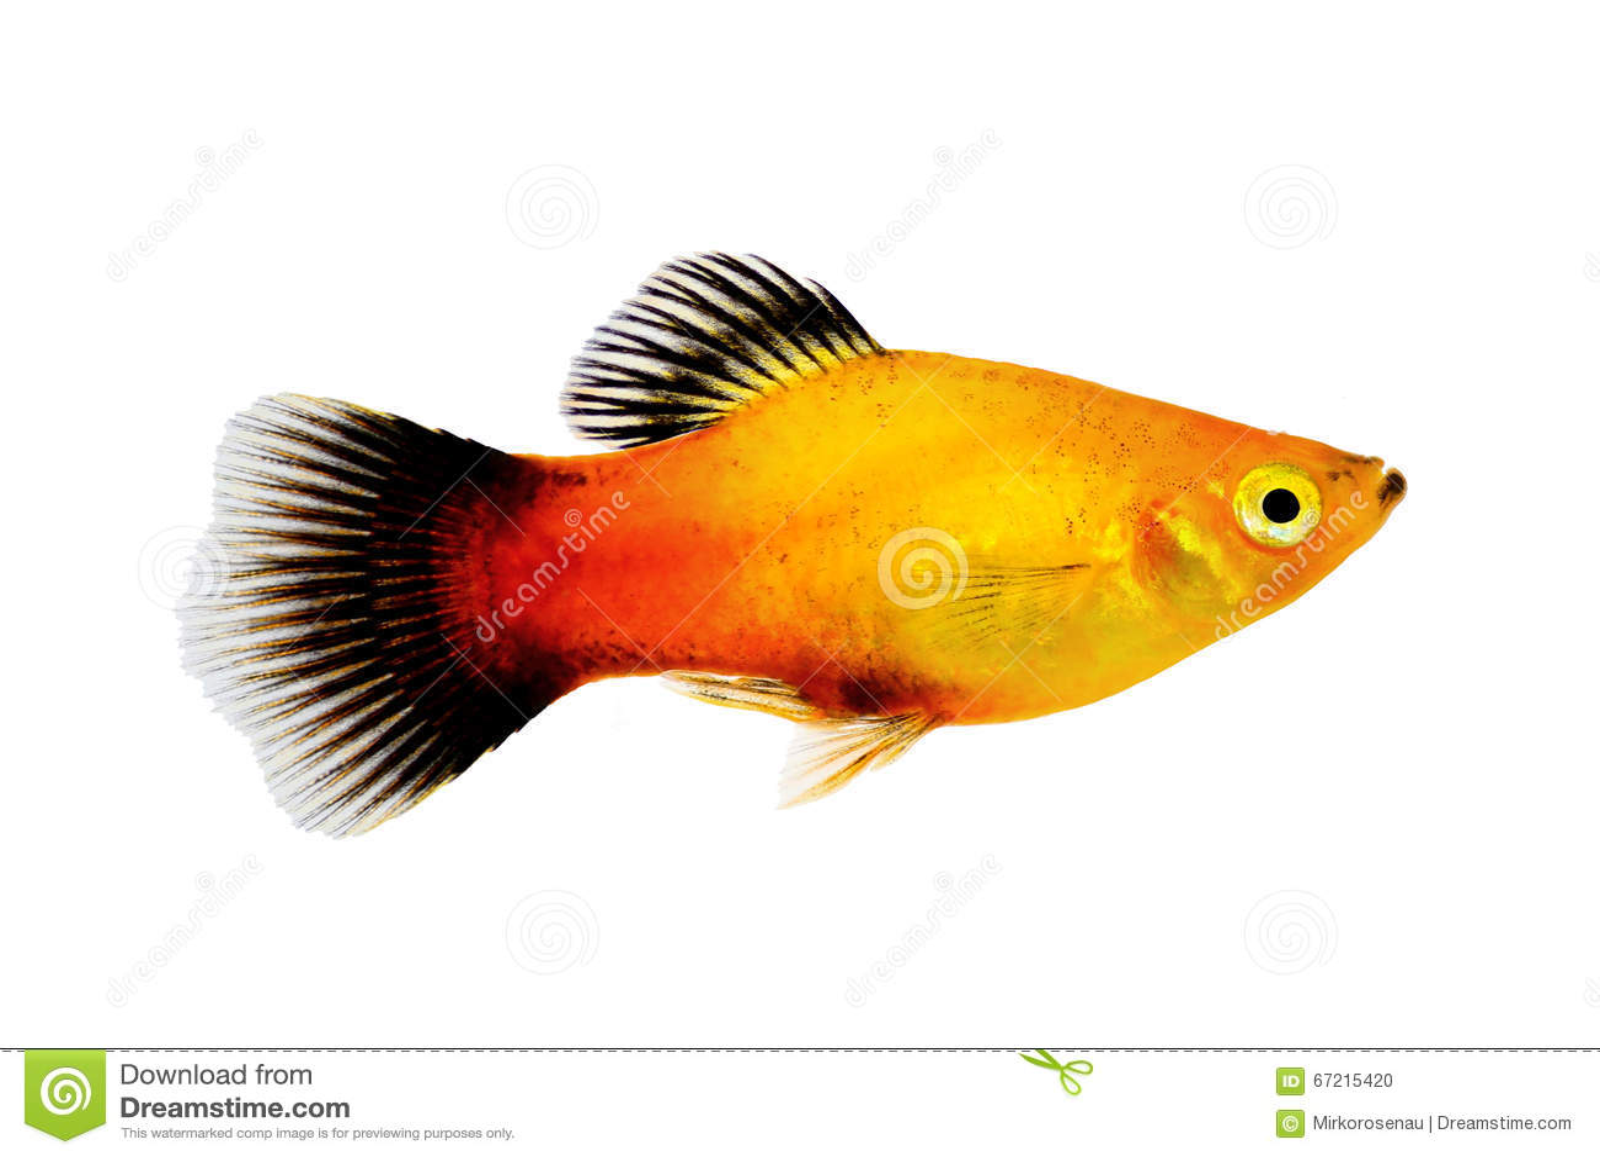 镶有钻石的旭日形首饰的新月鱼男性Xiphophorus maculatus热带水族馆鱼